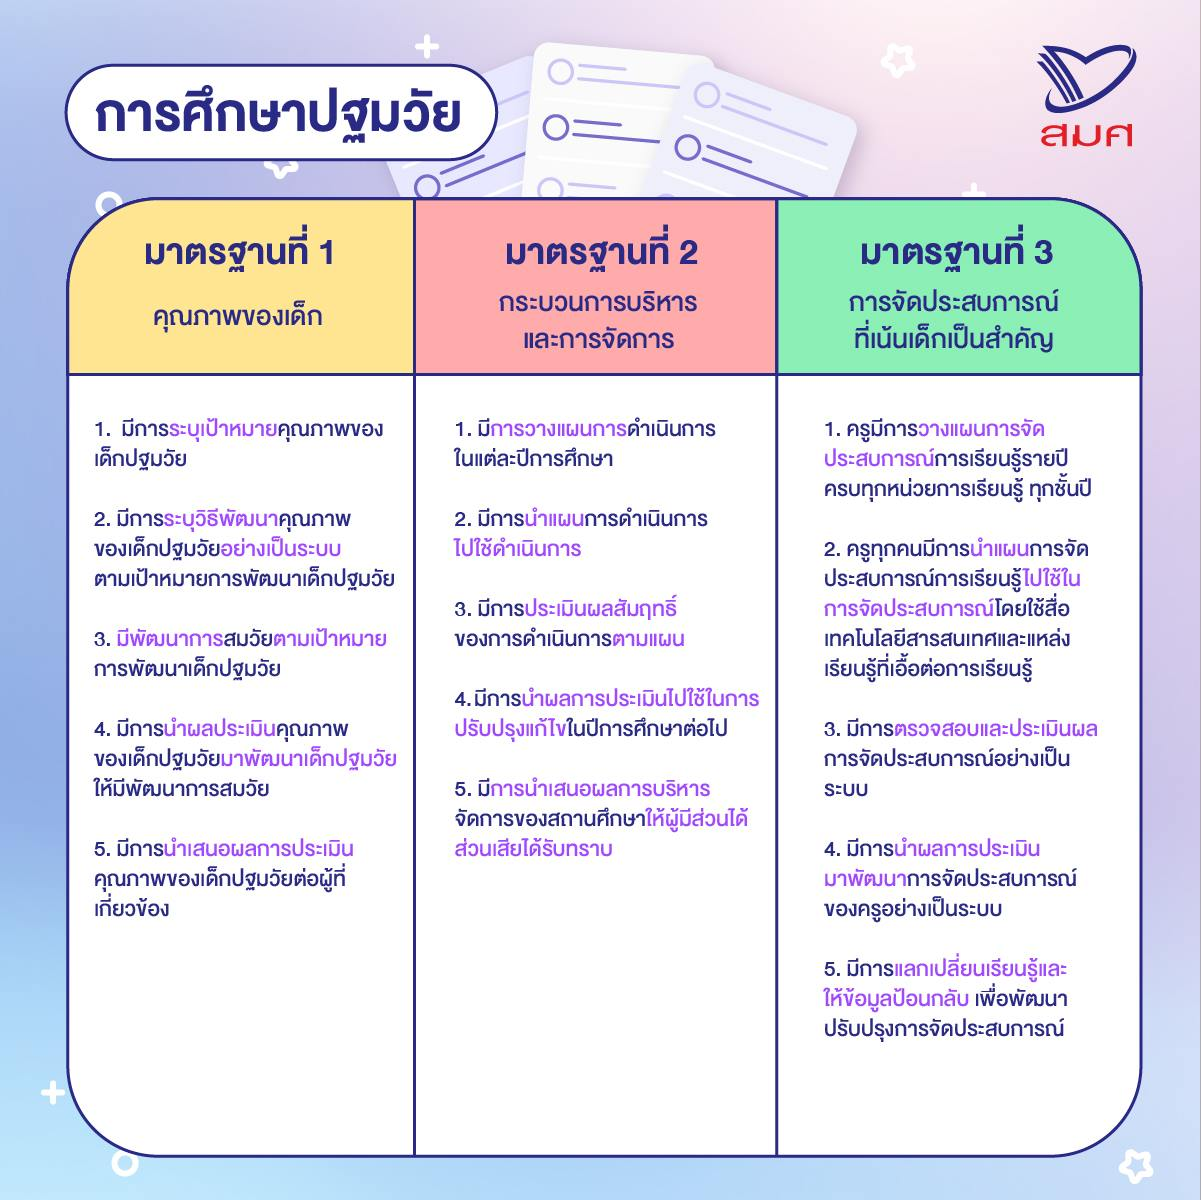 เกณฑ์ประเมินคุณภาพภายนอก (ระยะแรก ประเมิน SAR) ระดับการศึกษาขั้นพื้นฐาน